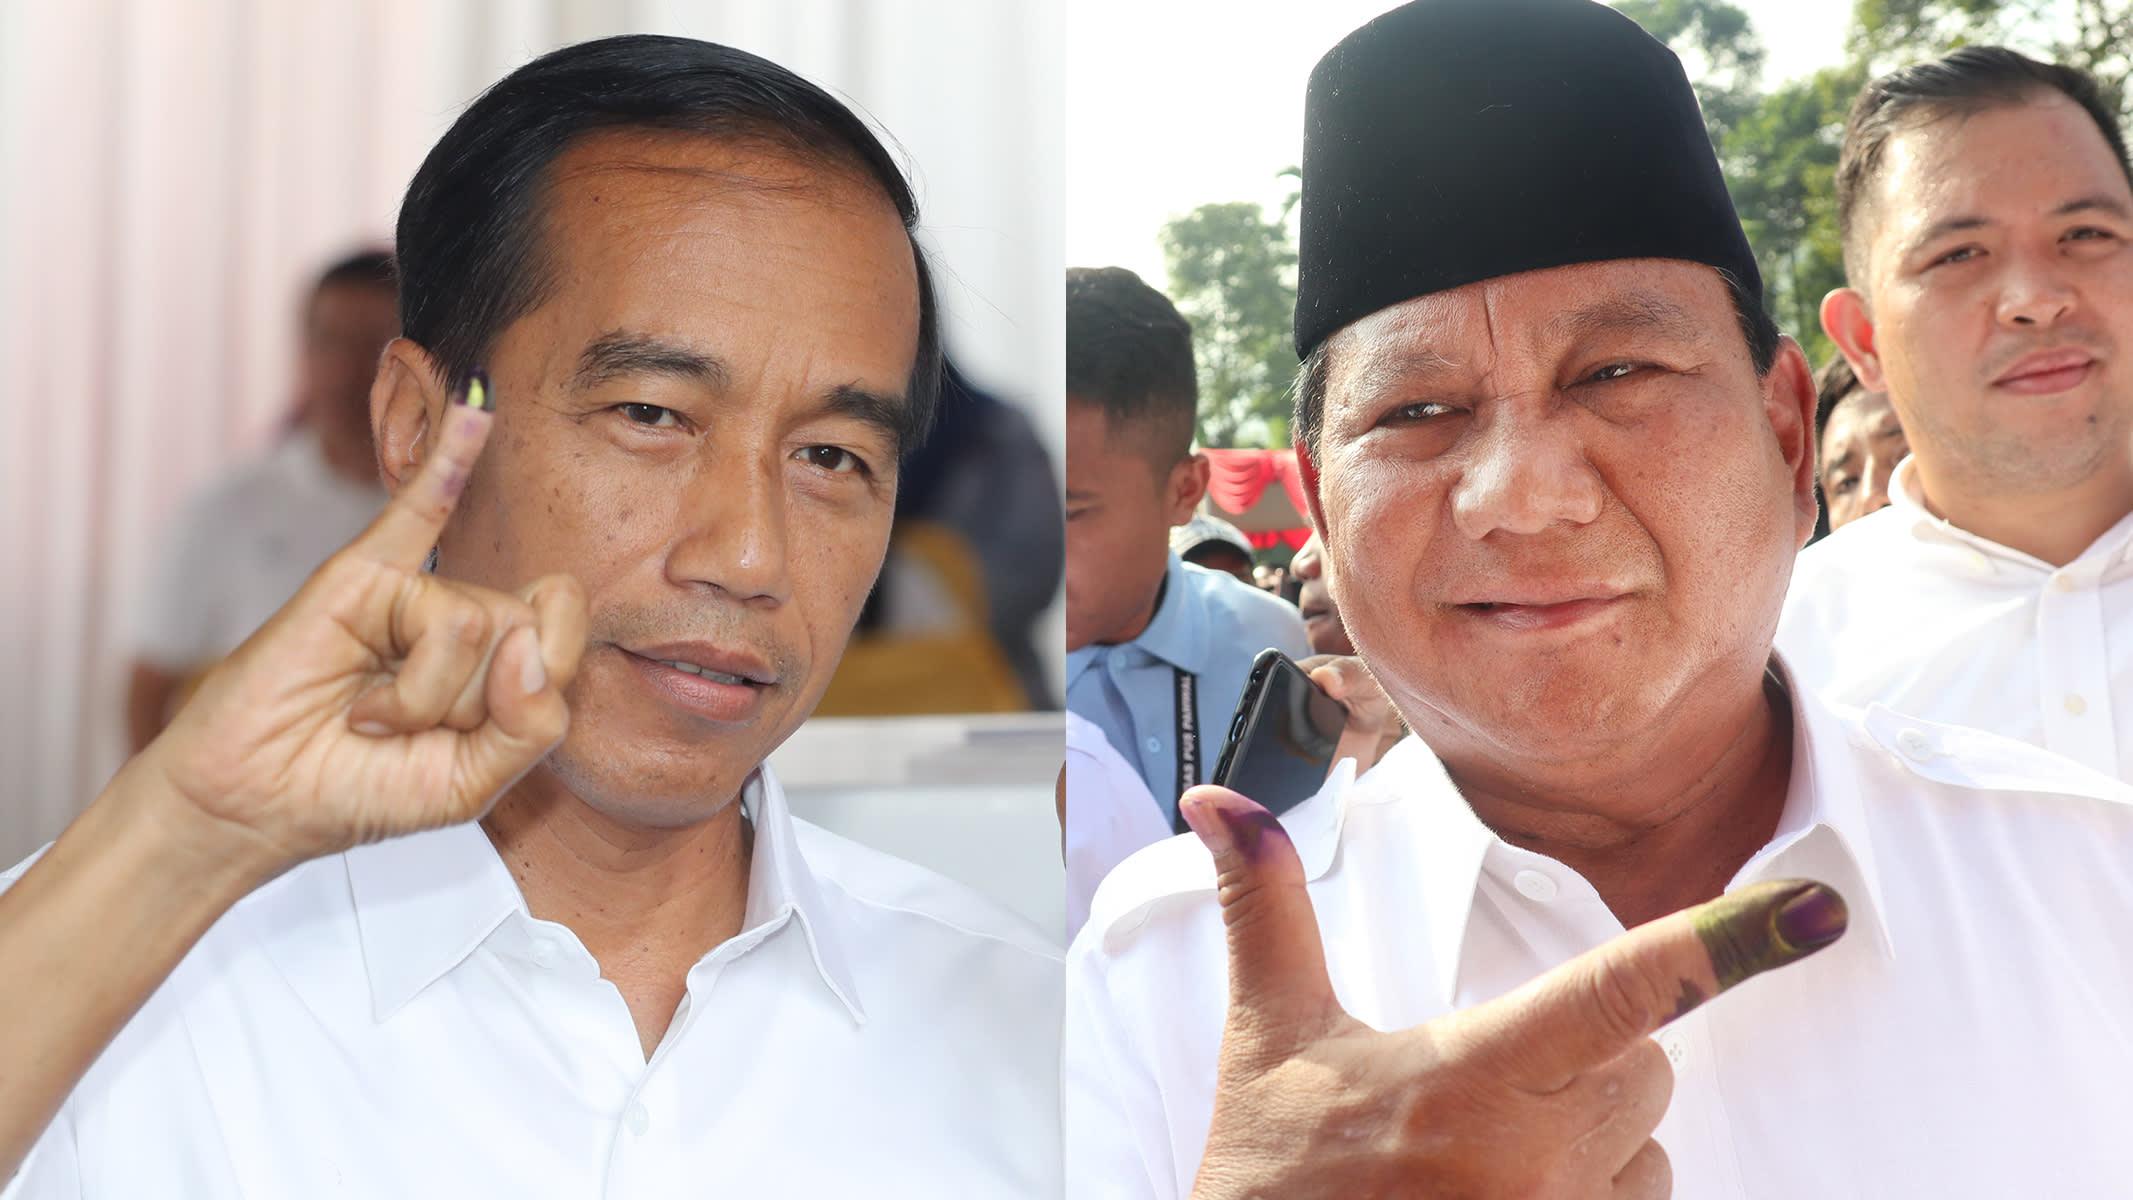 Cả hai ứng cử viên tổng thống của Indonesia đều nhận phần thắng